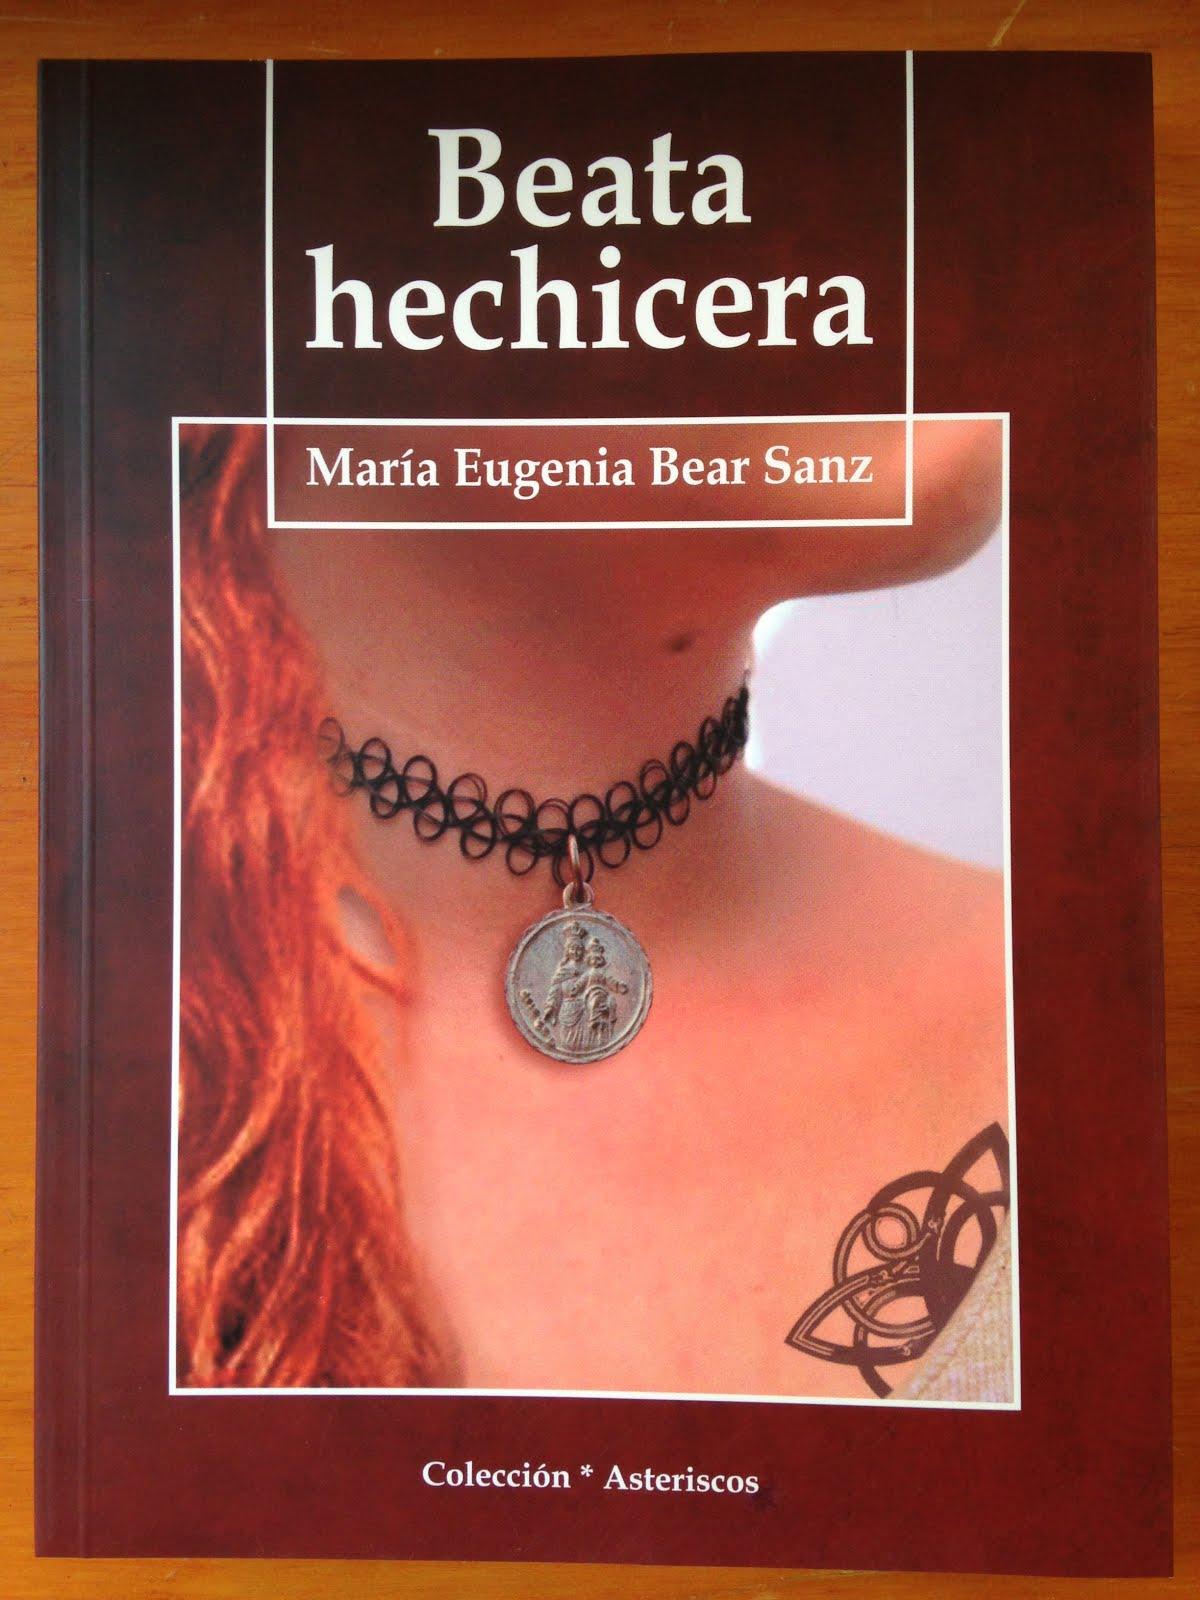 Beata hechicera